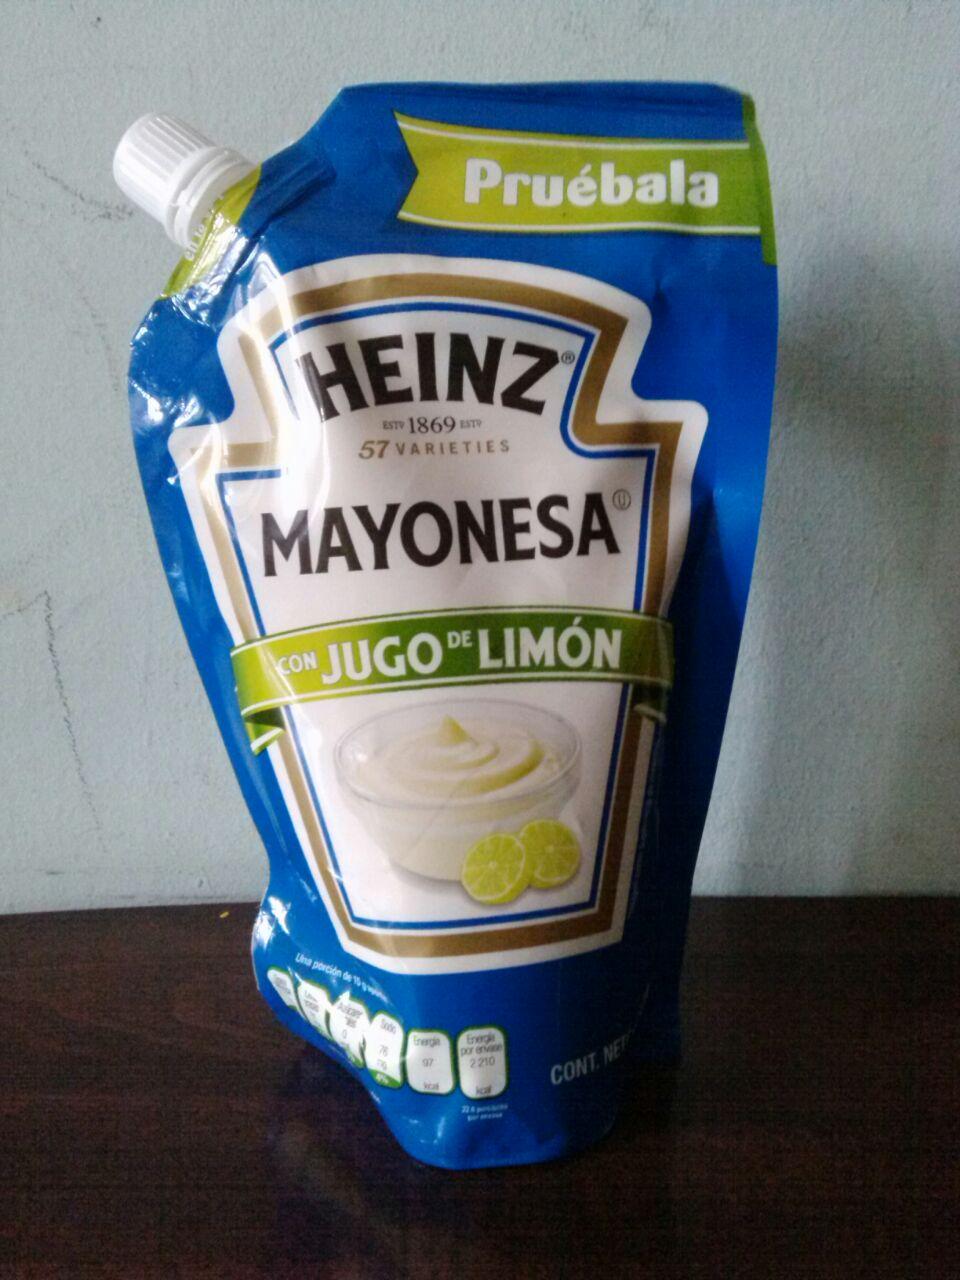 Walmart Galerias Saltillo: Mayonesa Heinz 340 gr a $6.39 y más